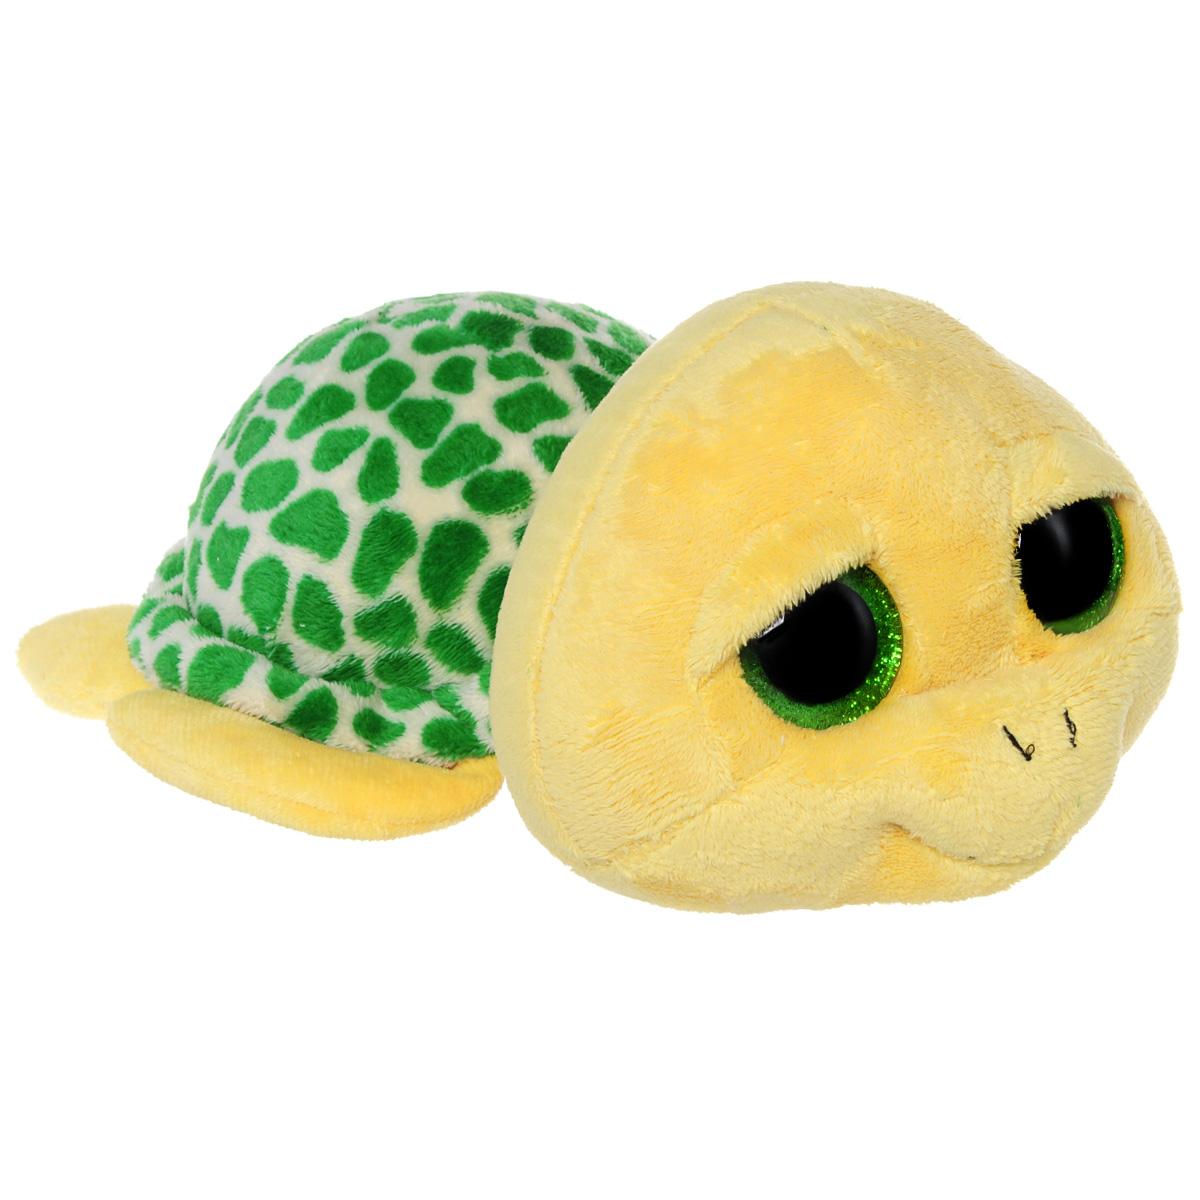 TY Мягкая игрушка Черепашка Zippy цвет желтый зеленый 24 см36997Очаровательная мягкая игрушка Beanie Boos Черепашка Zippy, выполненная в виде милой черепашки с большими глазками, вызовет умиление и улыбку у каждого, кто ее увидит. Она станет замечательным подарком, как ребенку, так и взрослому. Удивительно мягкая игрушка принесет радость и подарит своему обладателю мгновения нежных объятий и приятных воспоминаний. Специальные гранулы, используемые при ее набивке, способствуют развитию мелкой моторики рук малыша. Великолепное качество исполнения делают эту игрушку чудесным подарком к любому празднику.